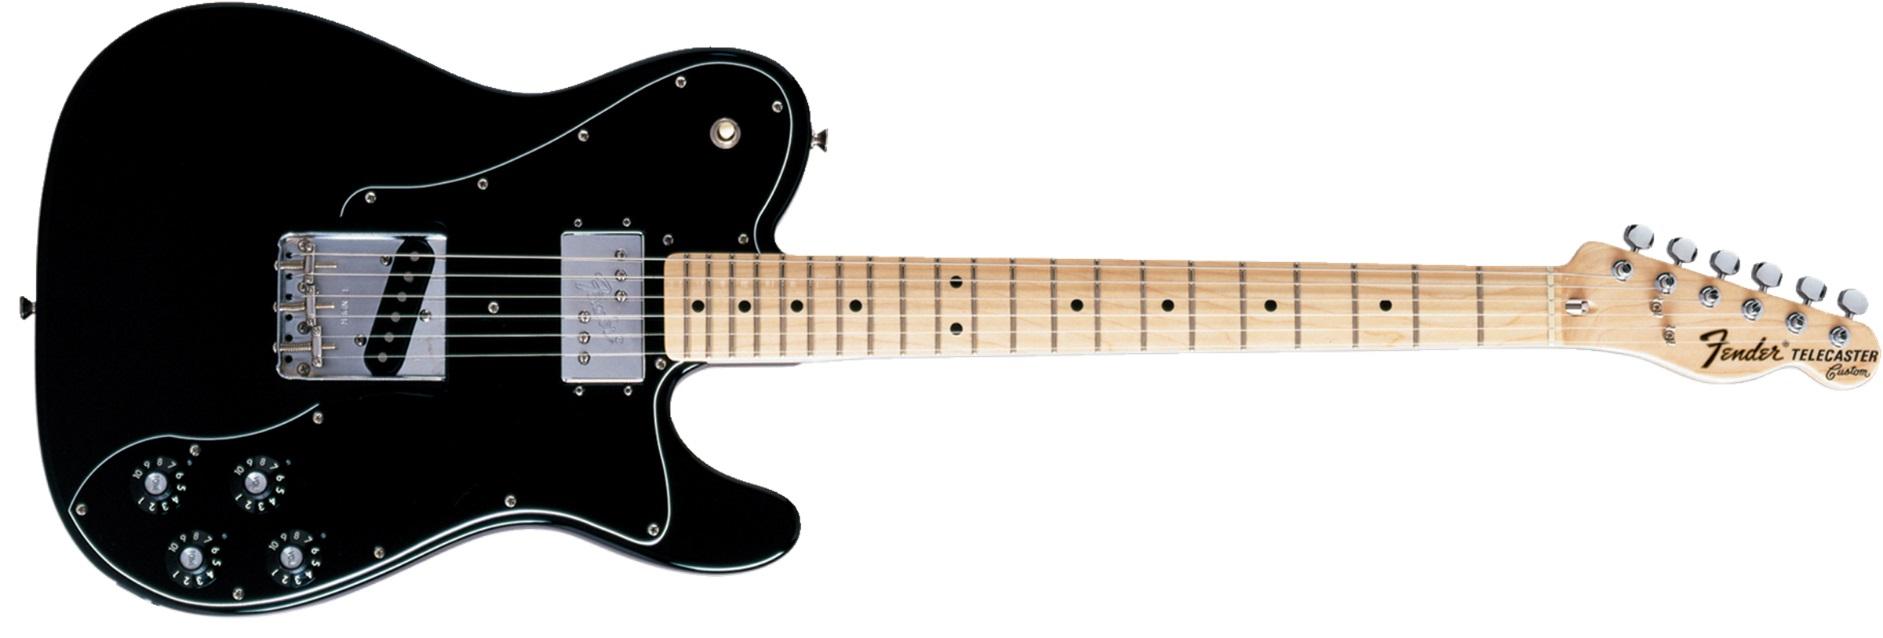 Fender 72 Telecaster Custom MN BK